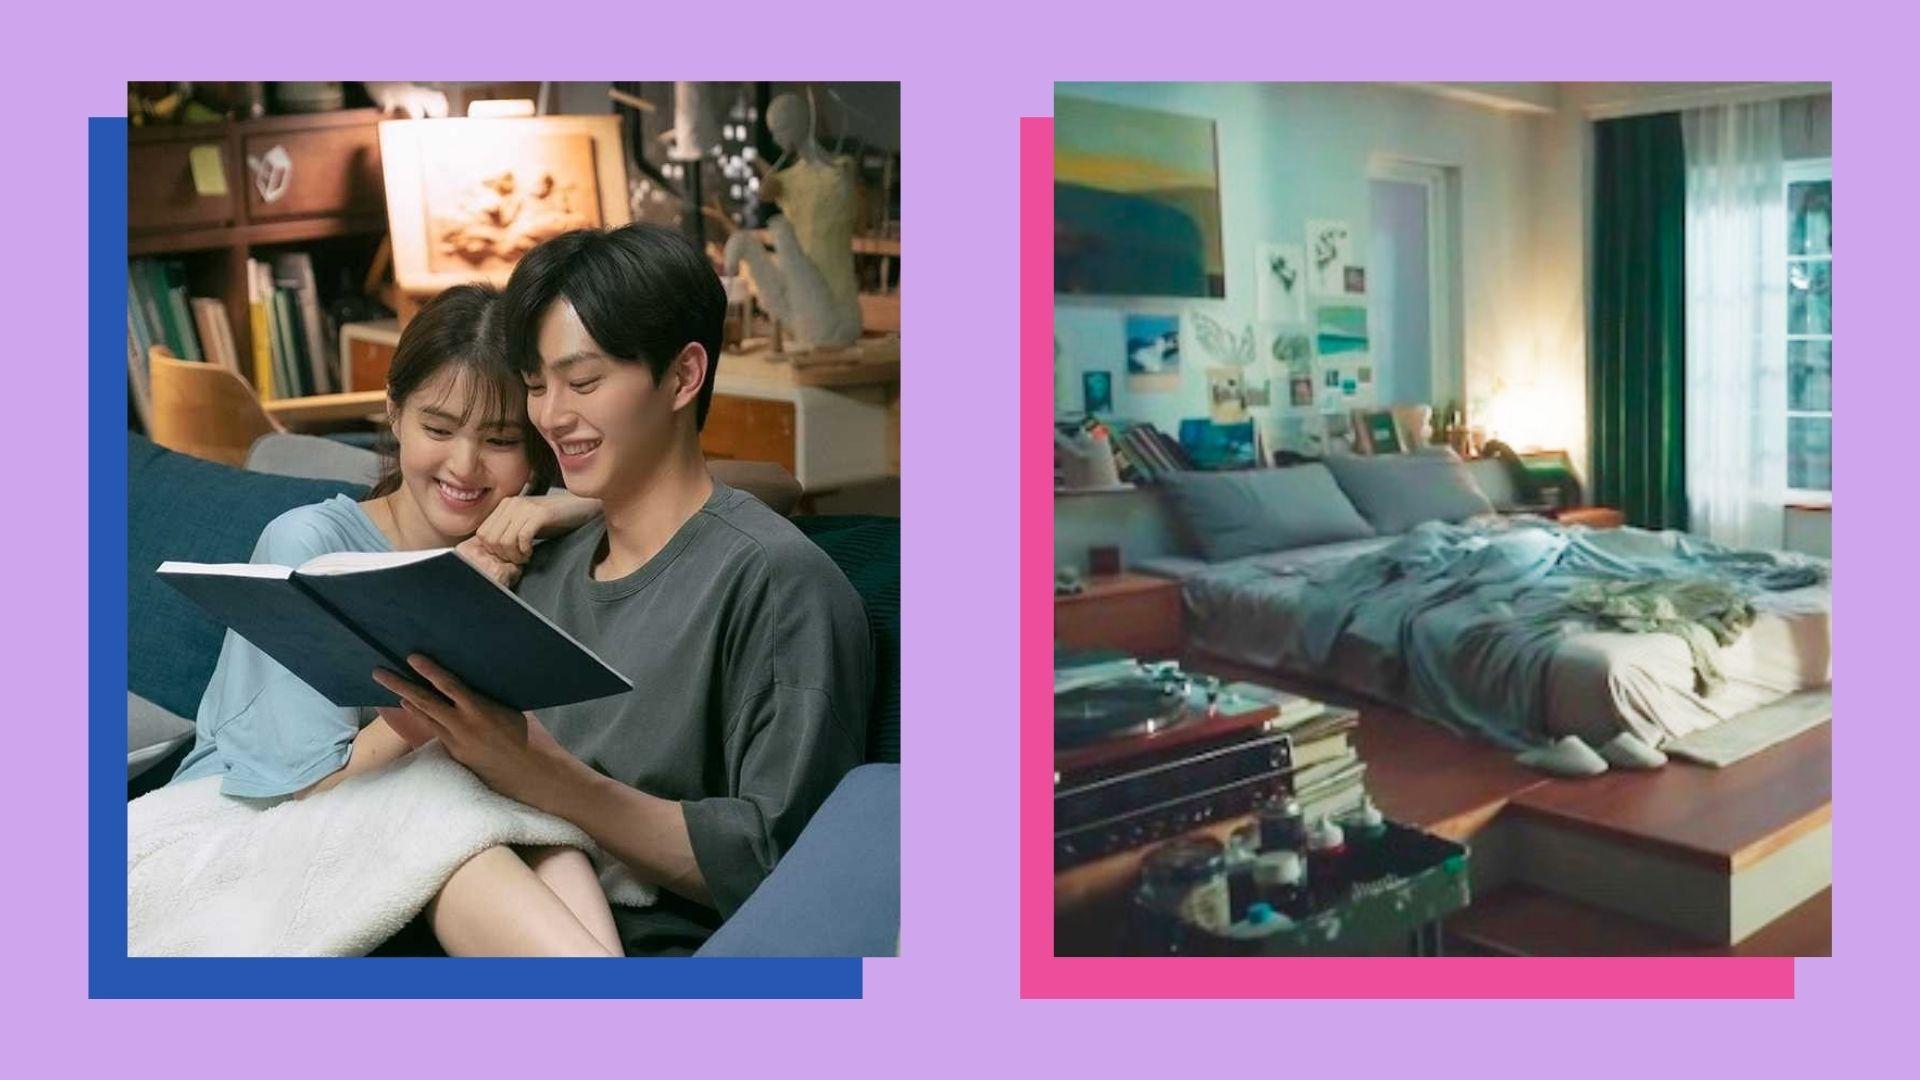 Na Bi's bedroom in Nevertheless